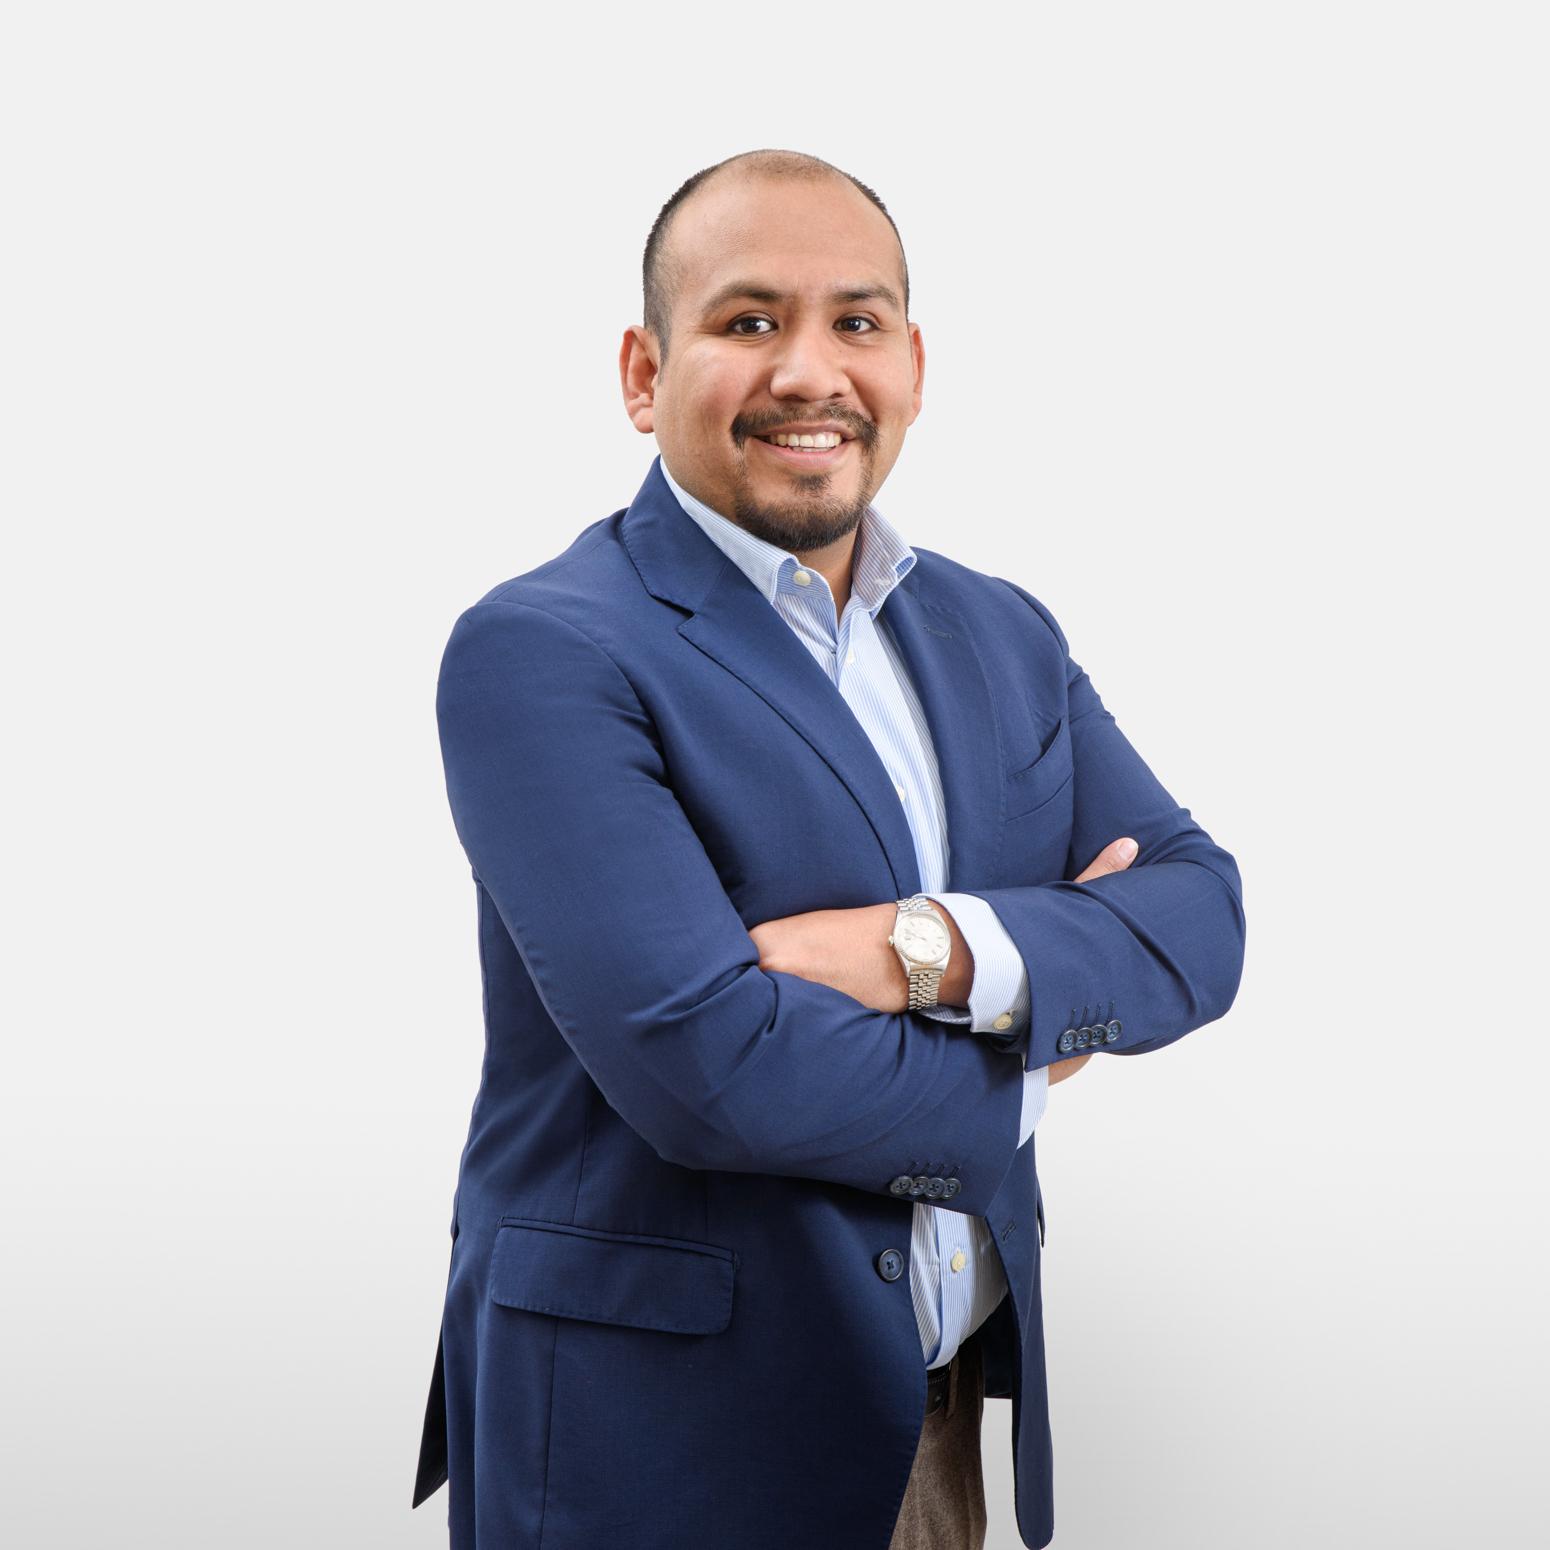 Enrique Defino